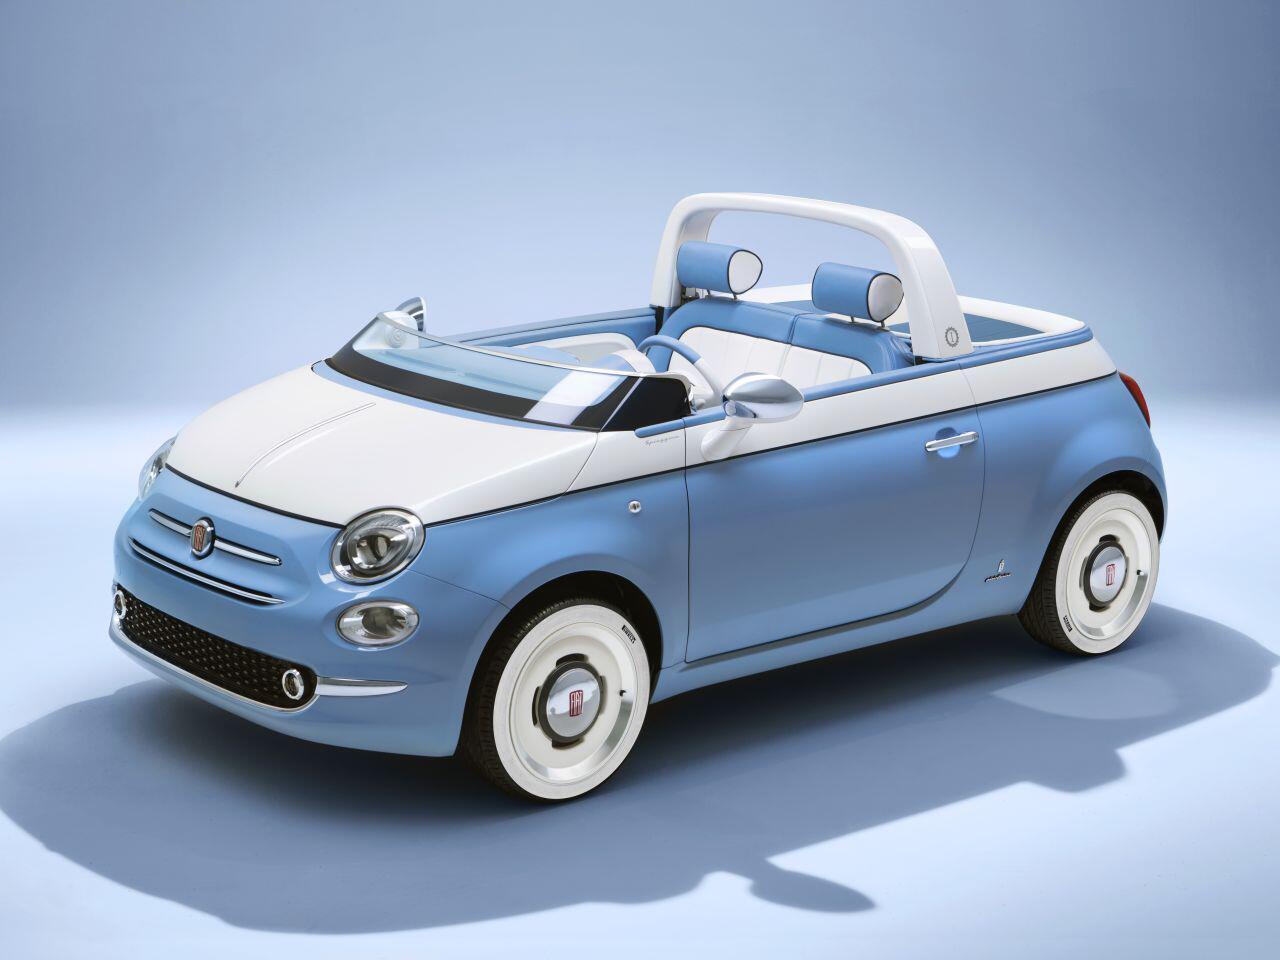 Bild zu Fiat 500 Jubiläum: Sondermodell Fiat 500 Spiaggina '58 und ein Showcar